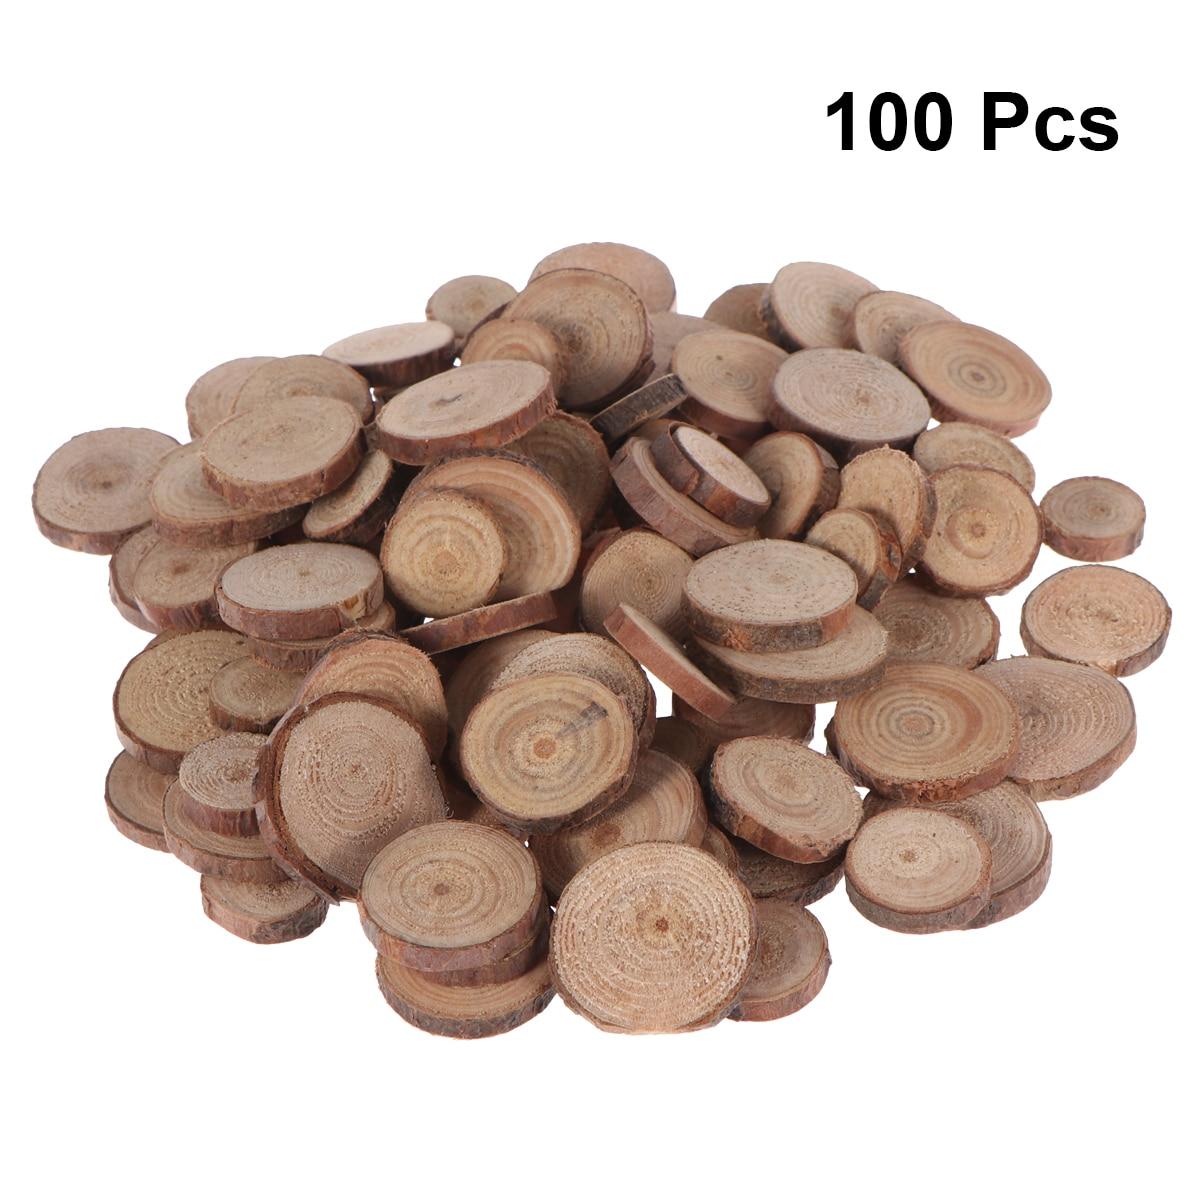 100 Uds. Discos de madera de 1,5-3CM para manualidades DIY centros de mesa de boda Pino Natural redondo sin terminar ronda de madera accesorios de fotografía